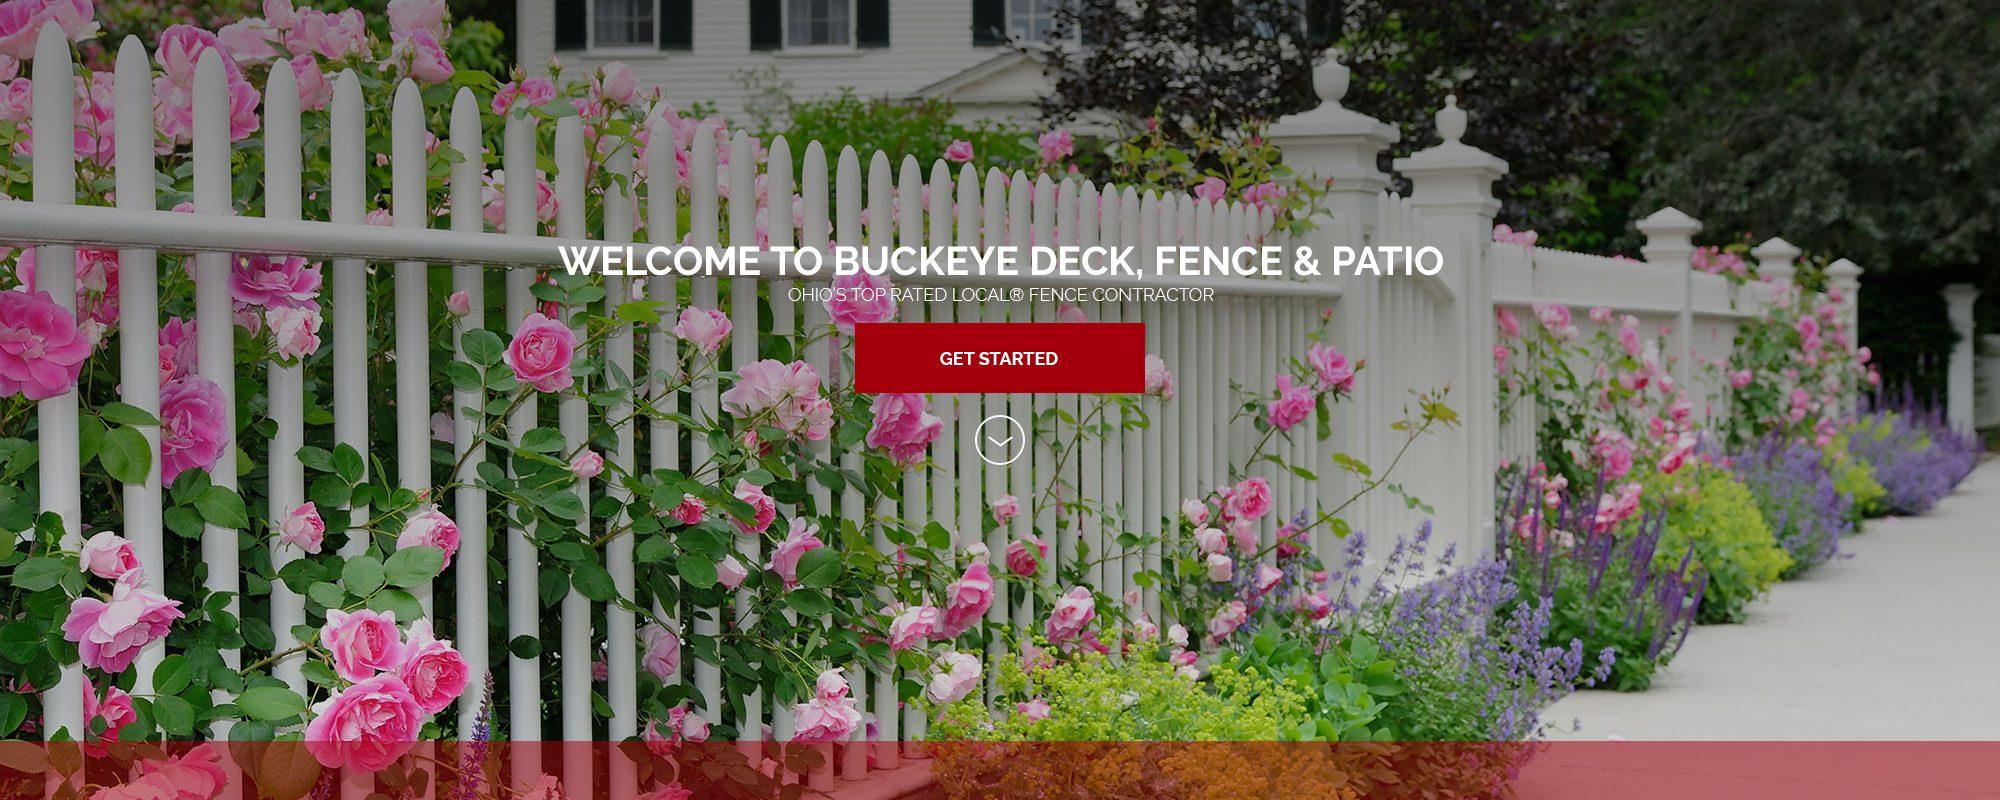 buckeye deck fence patio